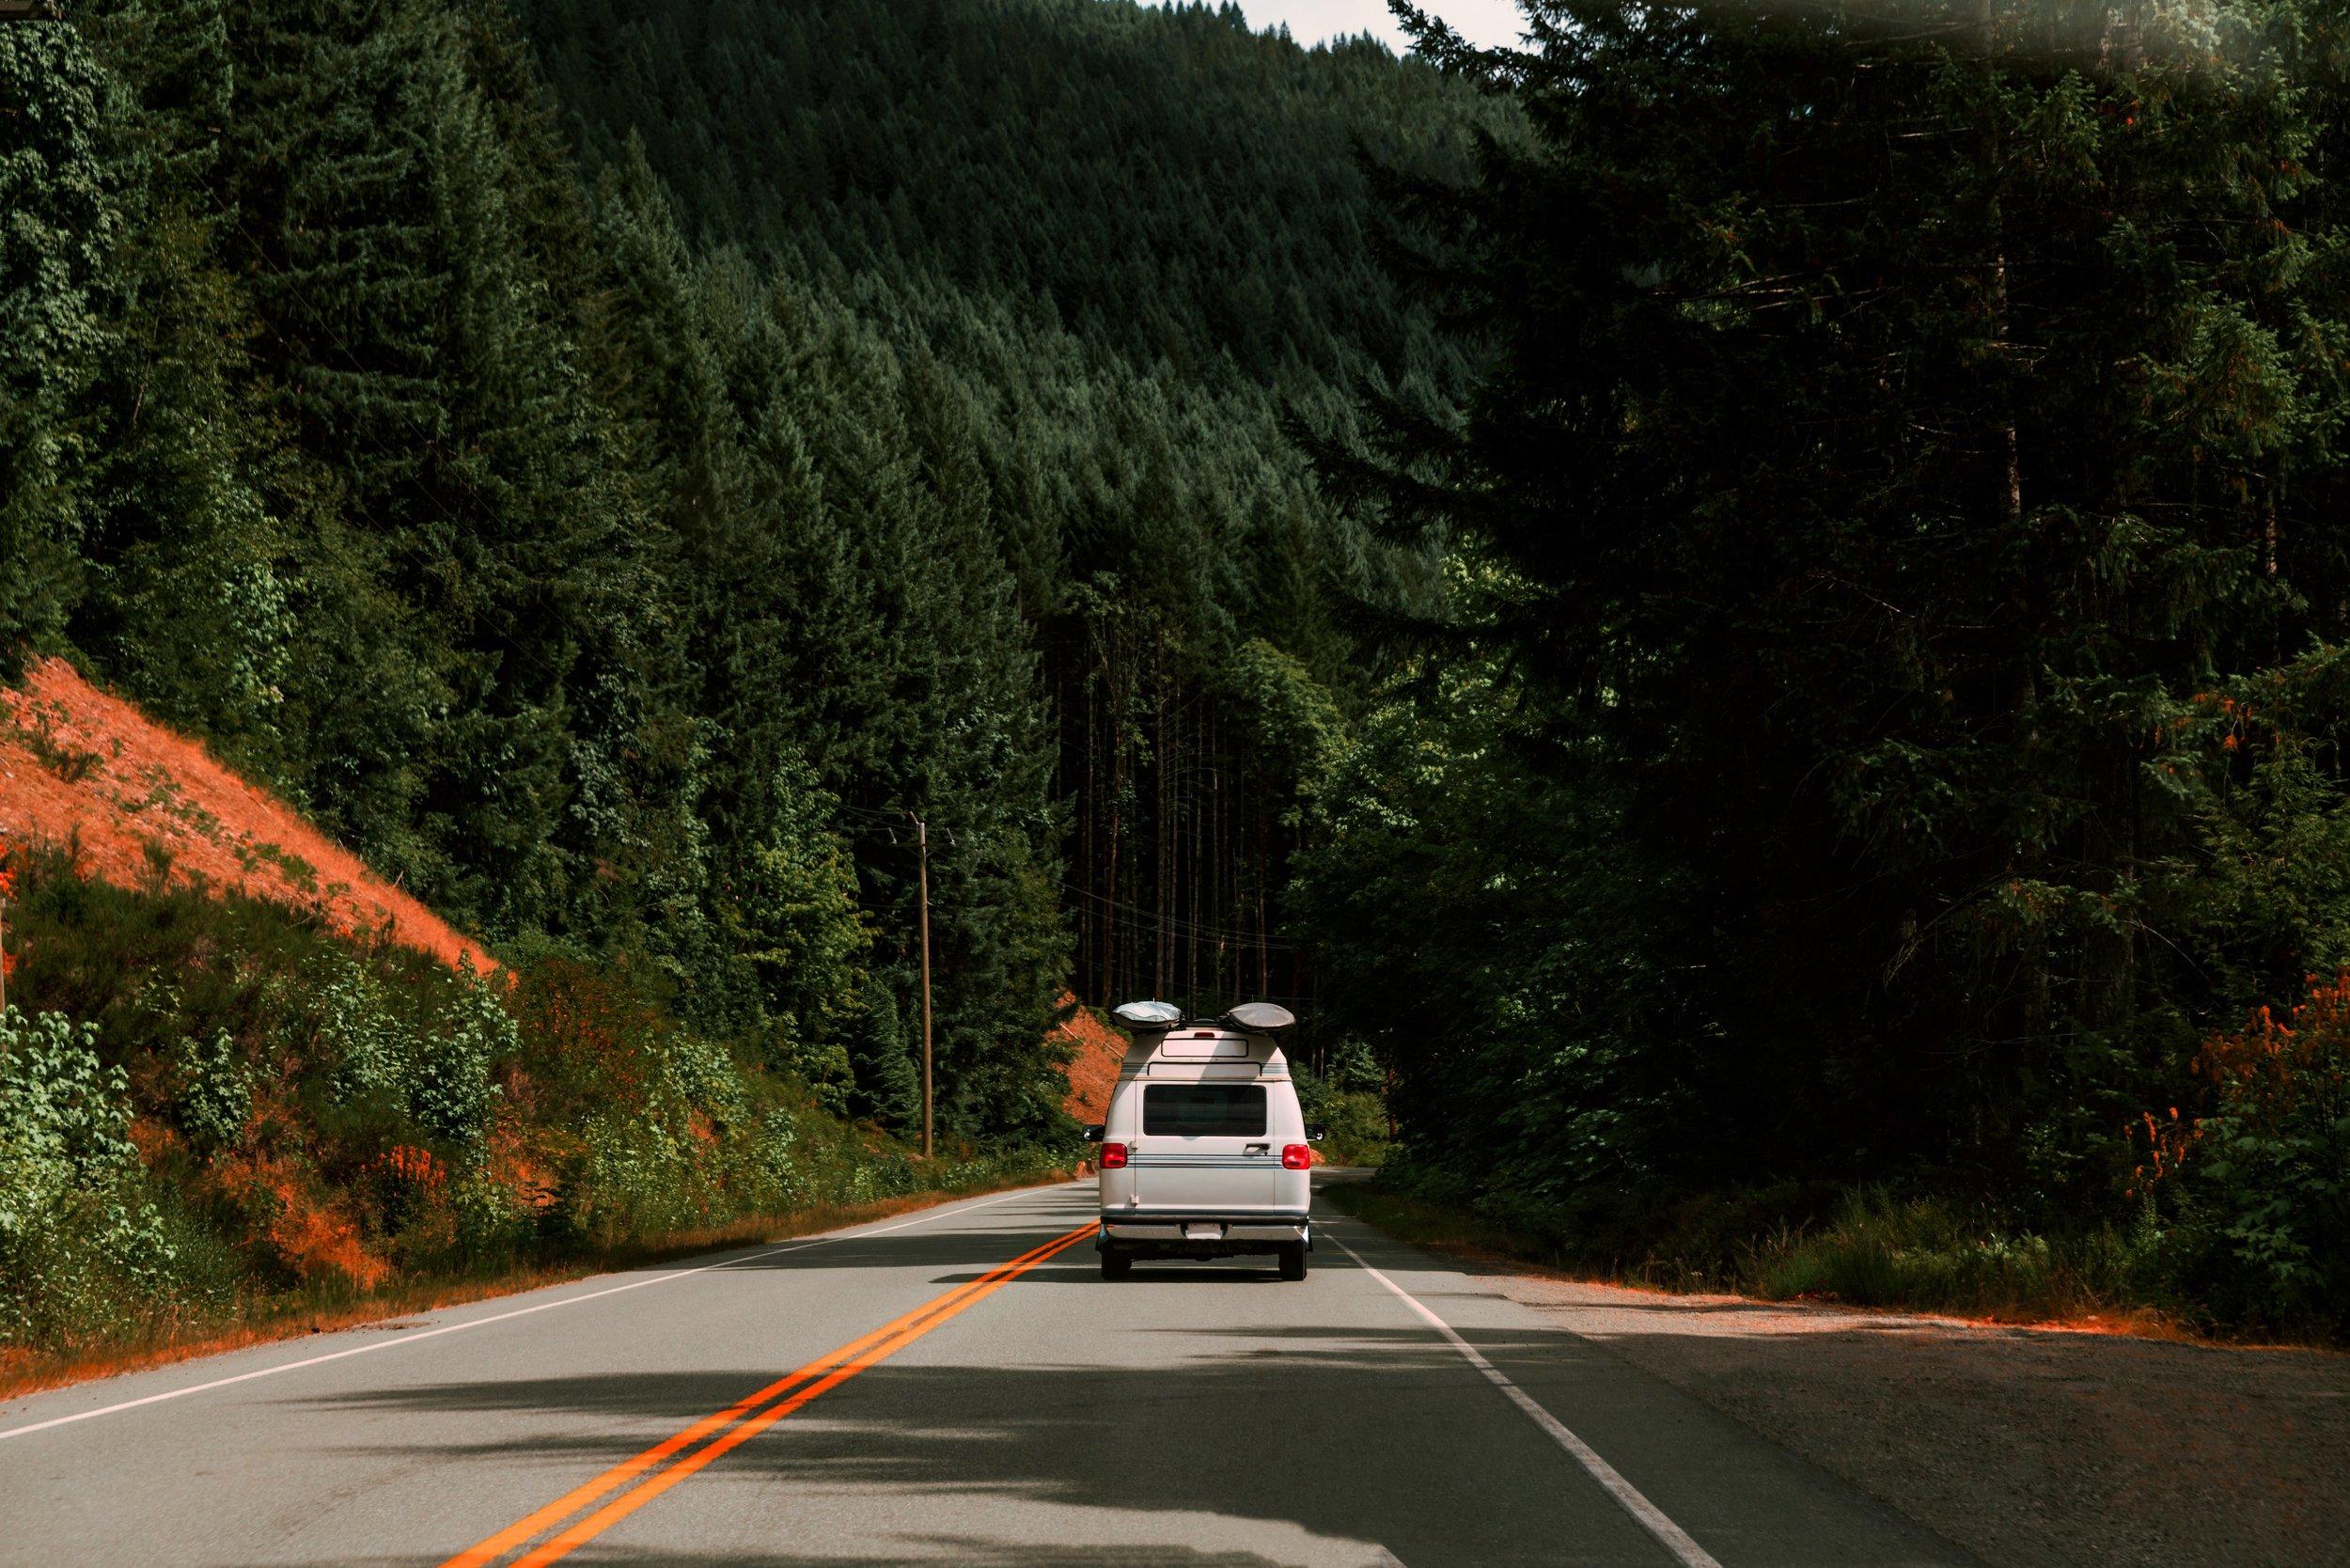 Van-Driving-Through-Mountains.jpg